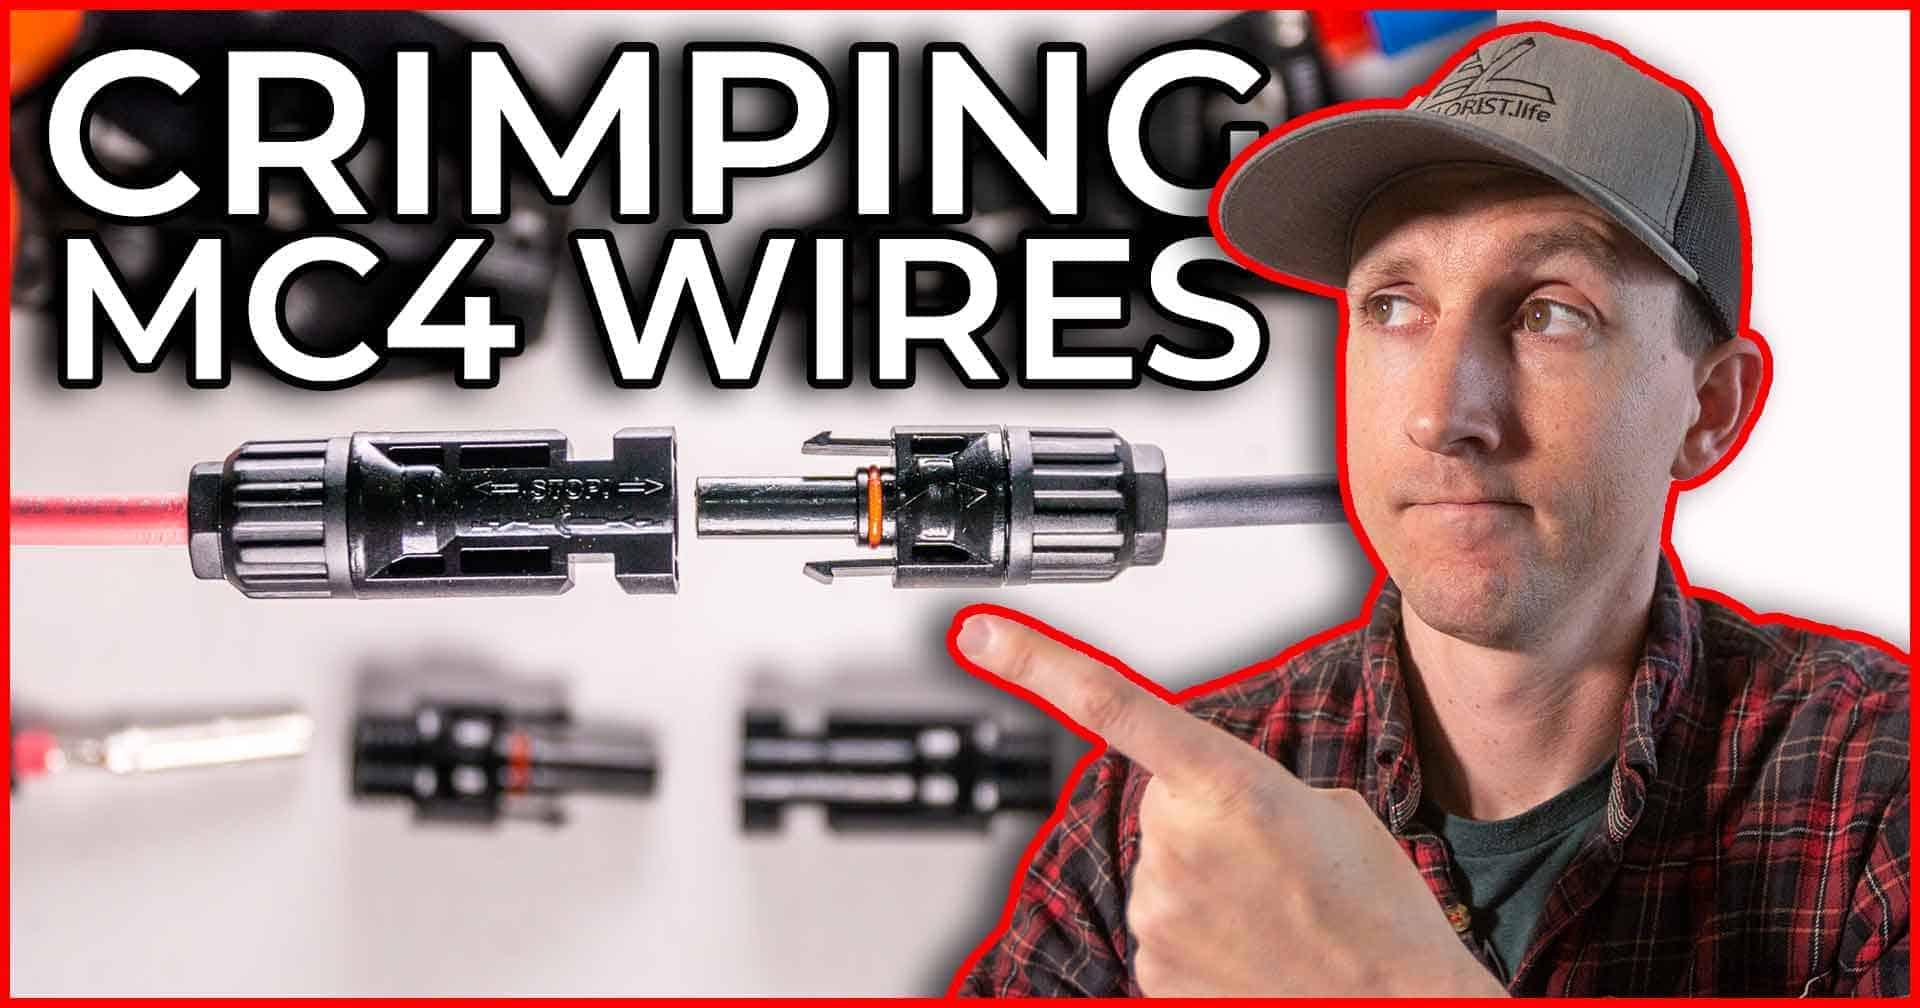 How To Crimp MC4 Connectors